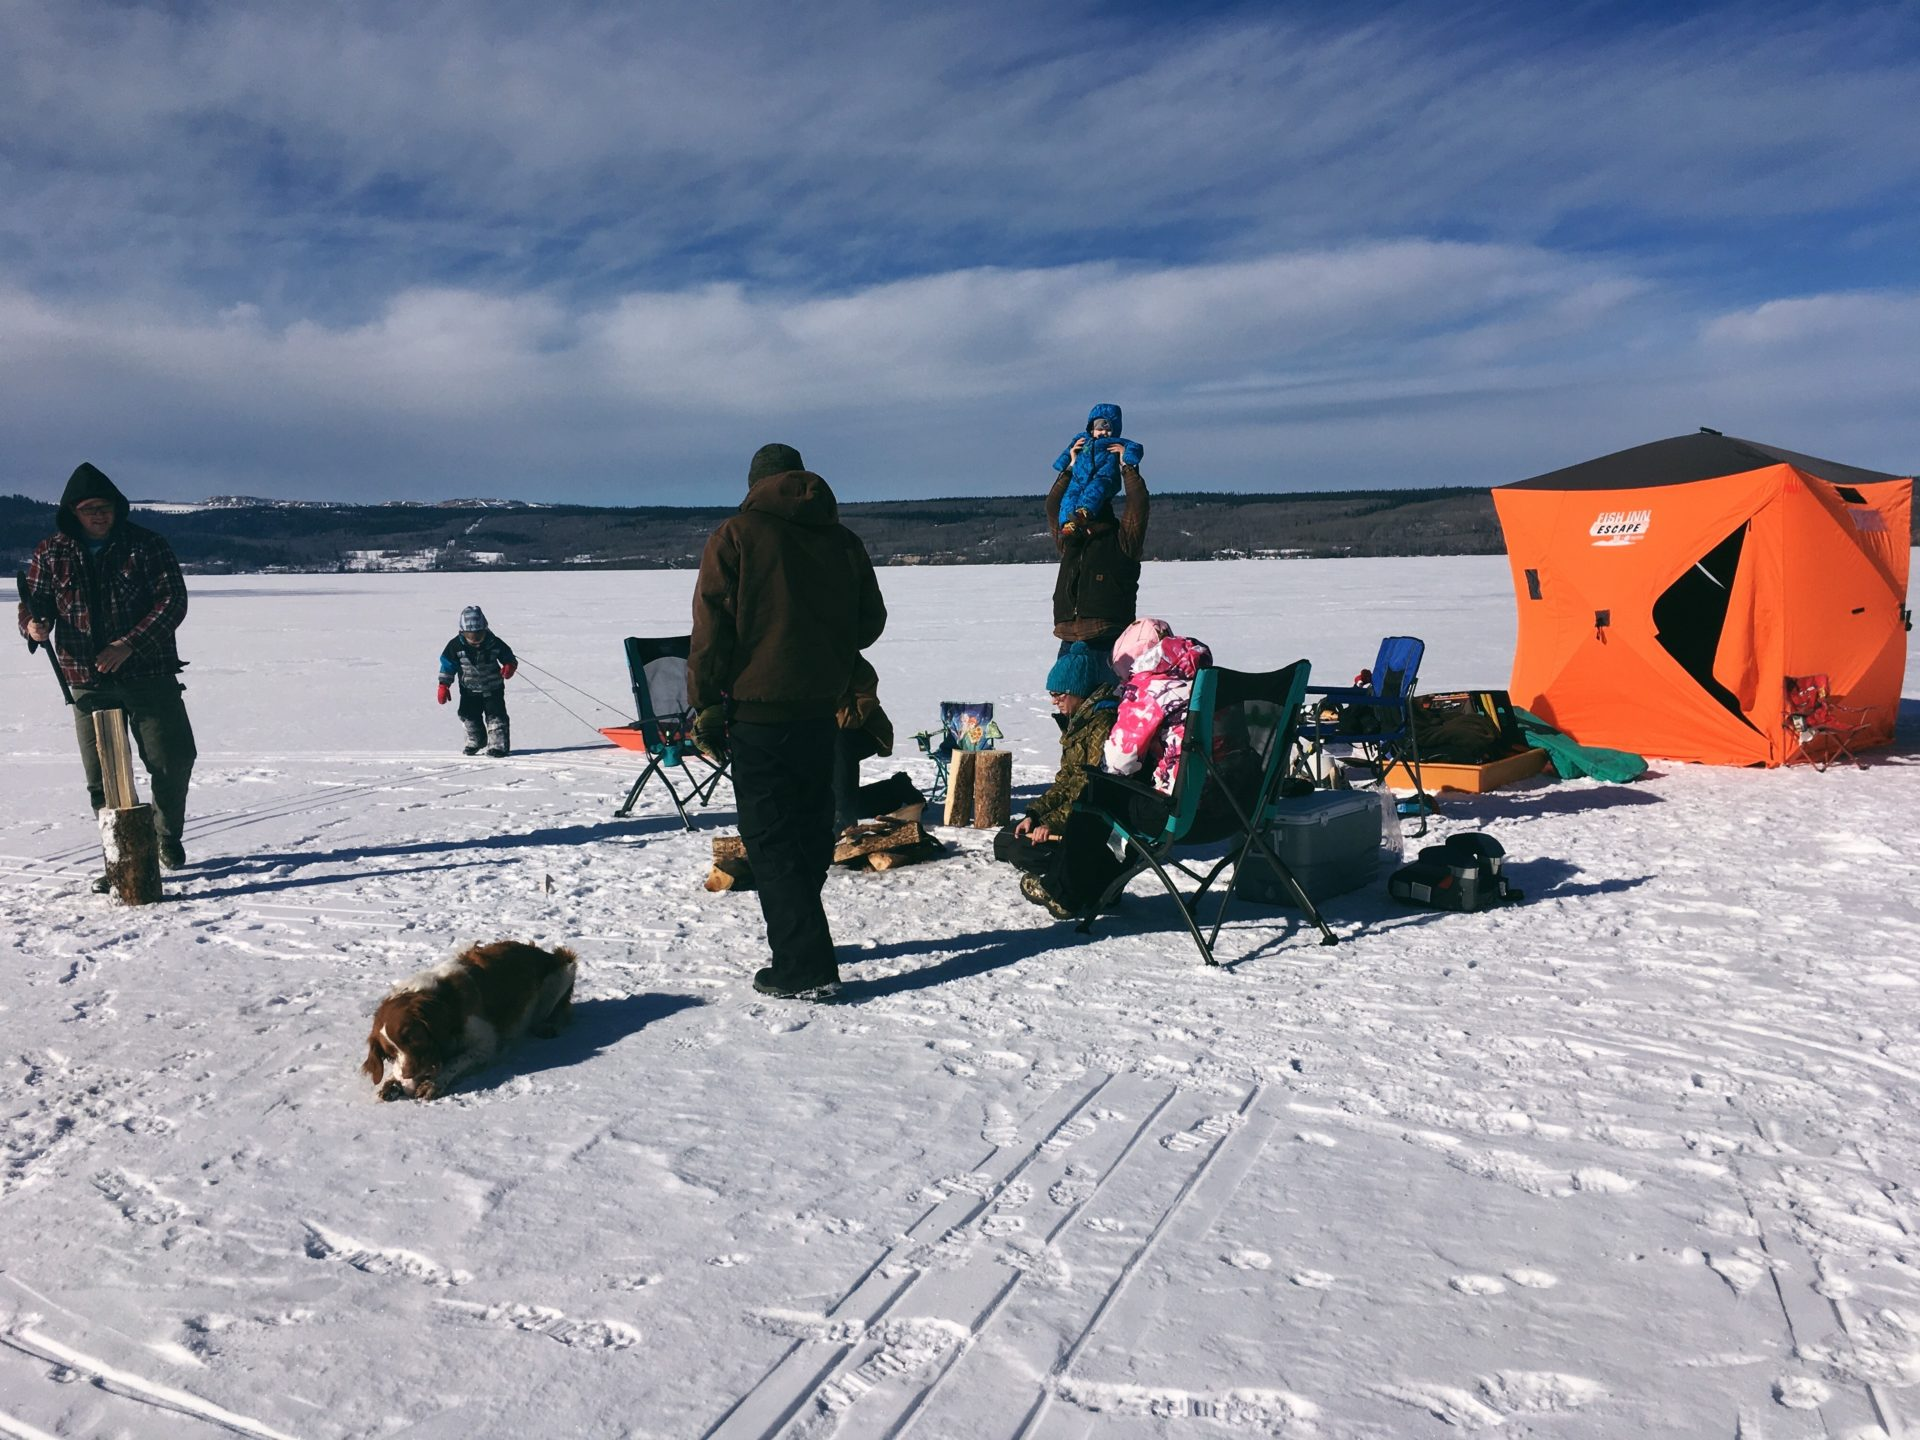 Ice fishing. Credit: Raeanne O'Meara.